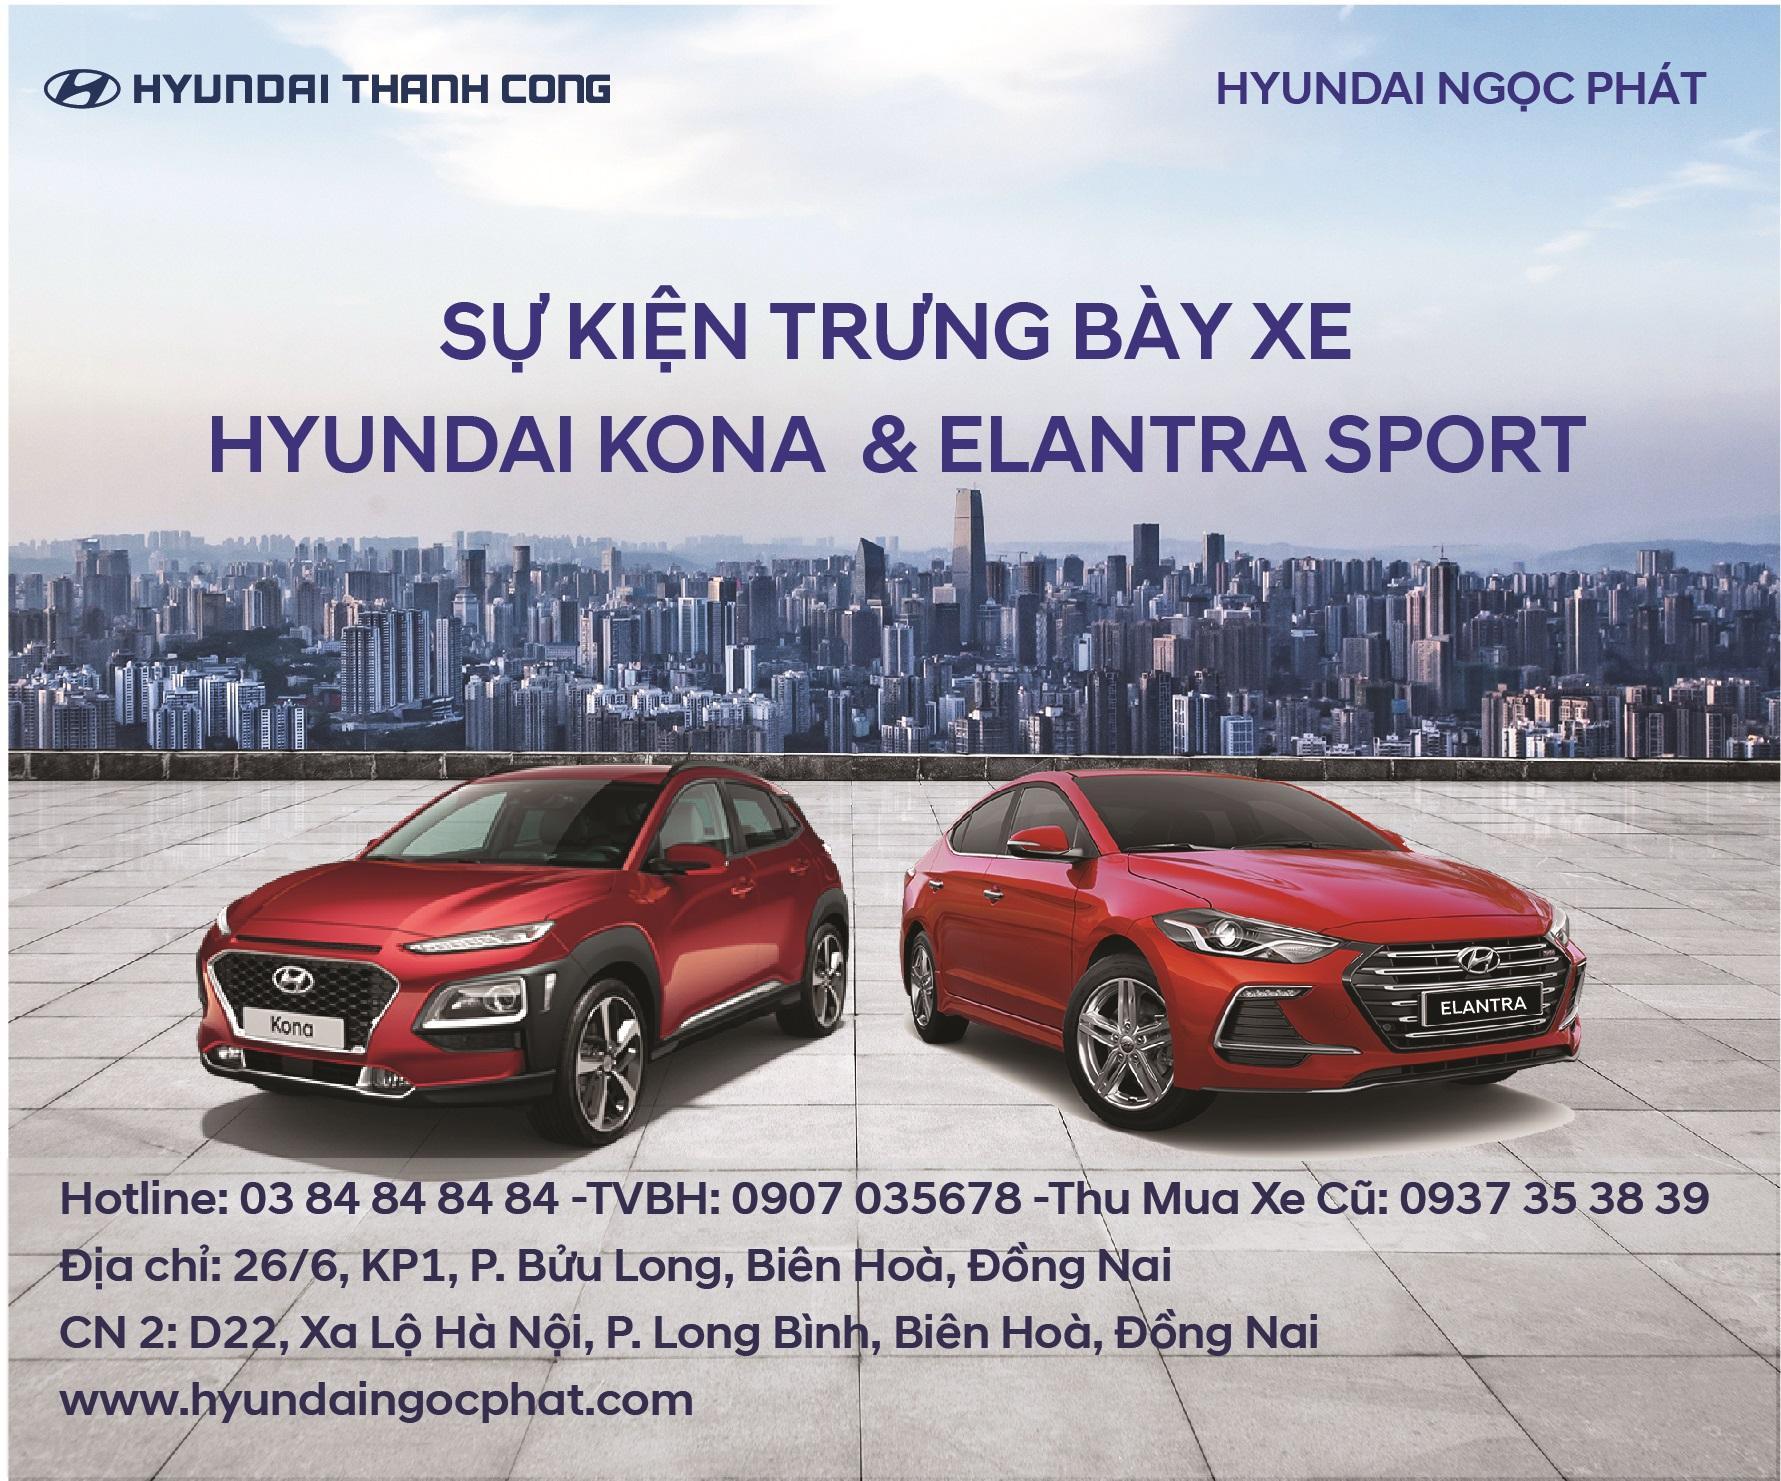 Sự kiện trưng bày xe Hyundai KONA & Elantra Sport tại Nhà Hàng Ngọc Phát Riverside